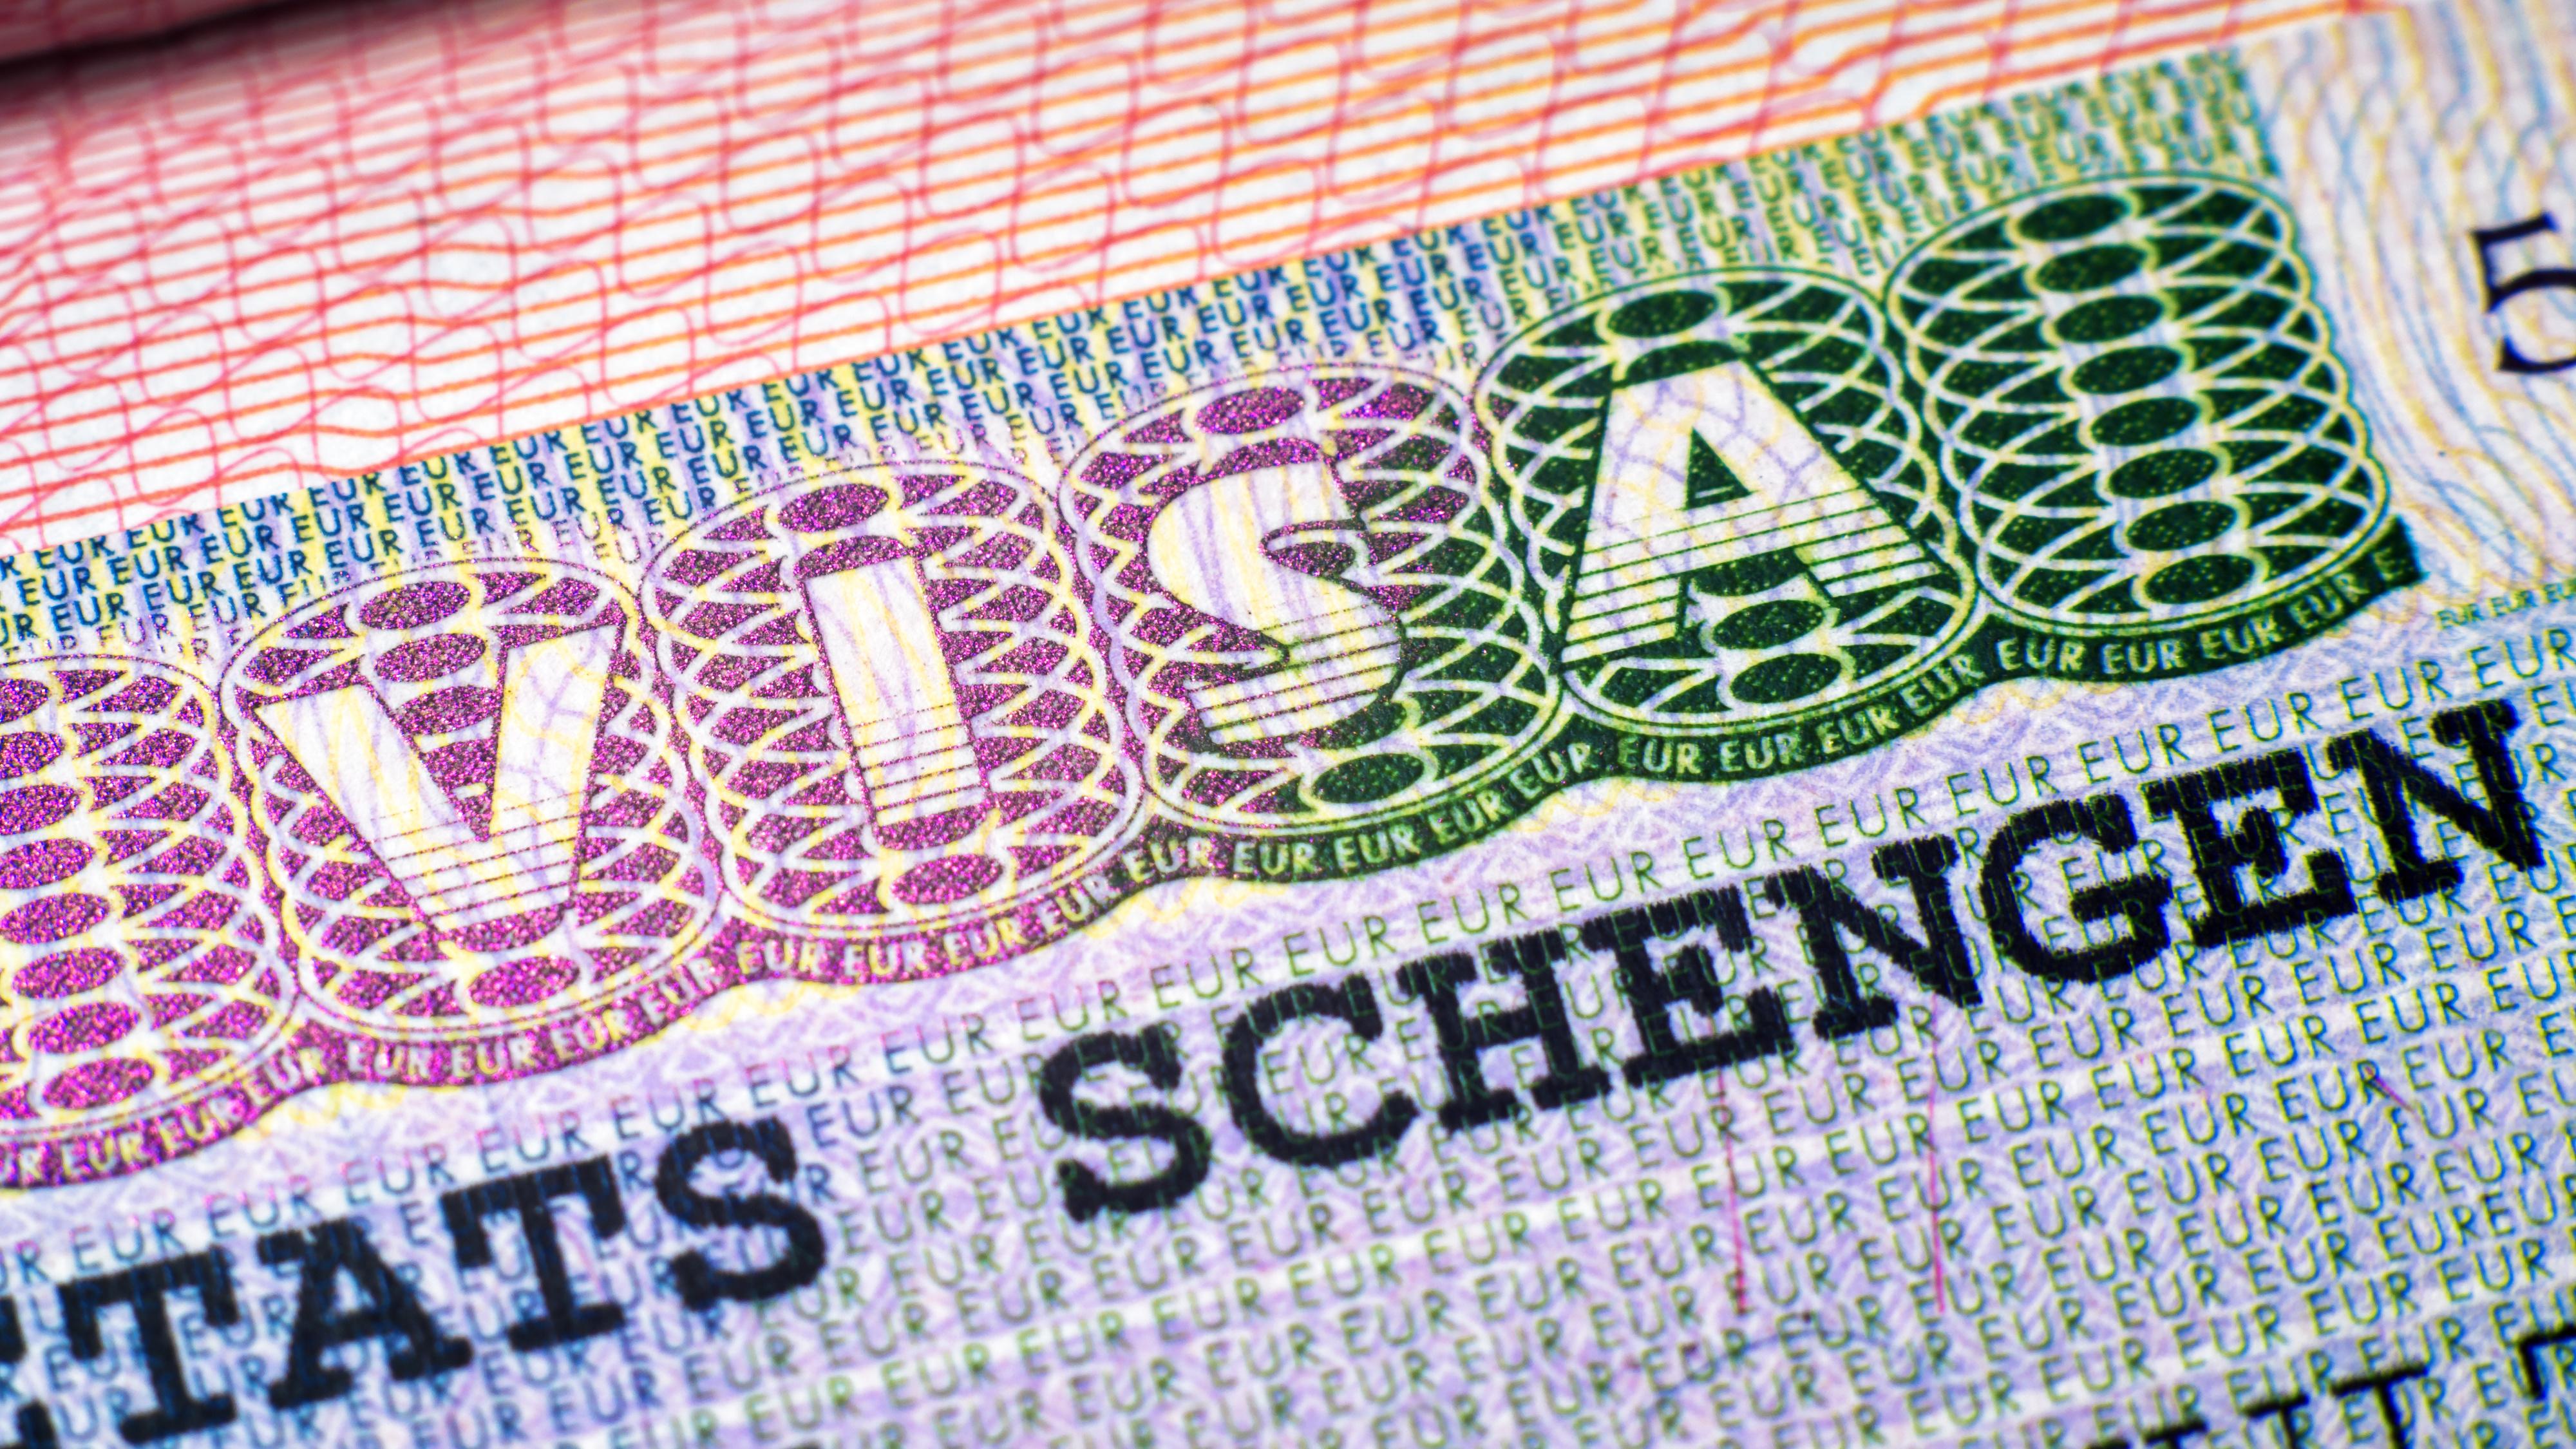 Le président de la Commission de recours contre les refus de visa (CRRV) statuant seul